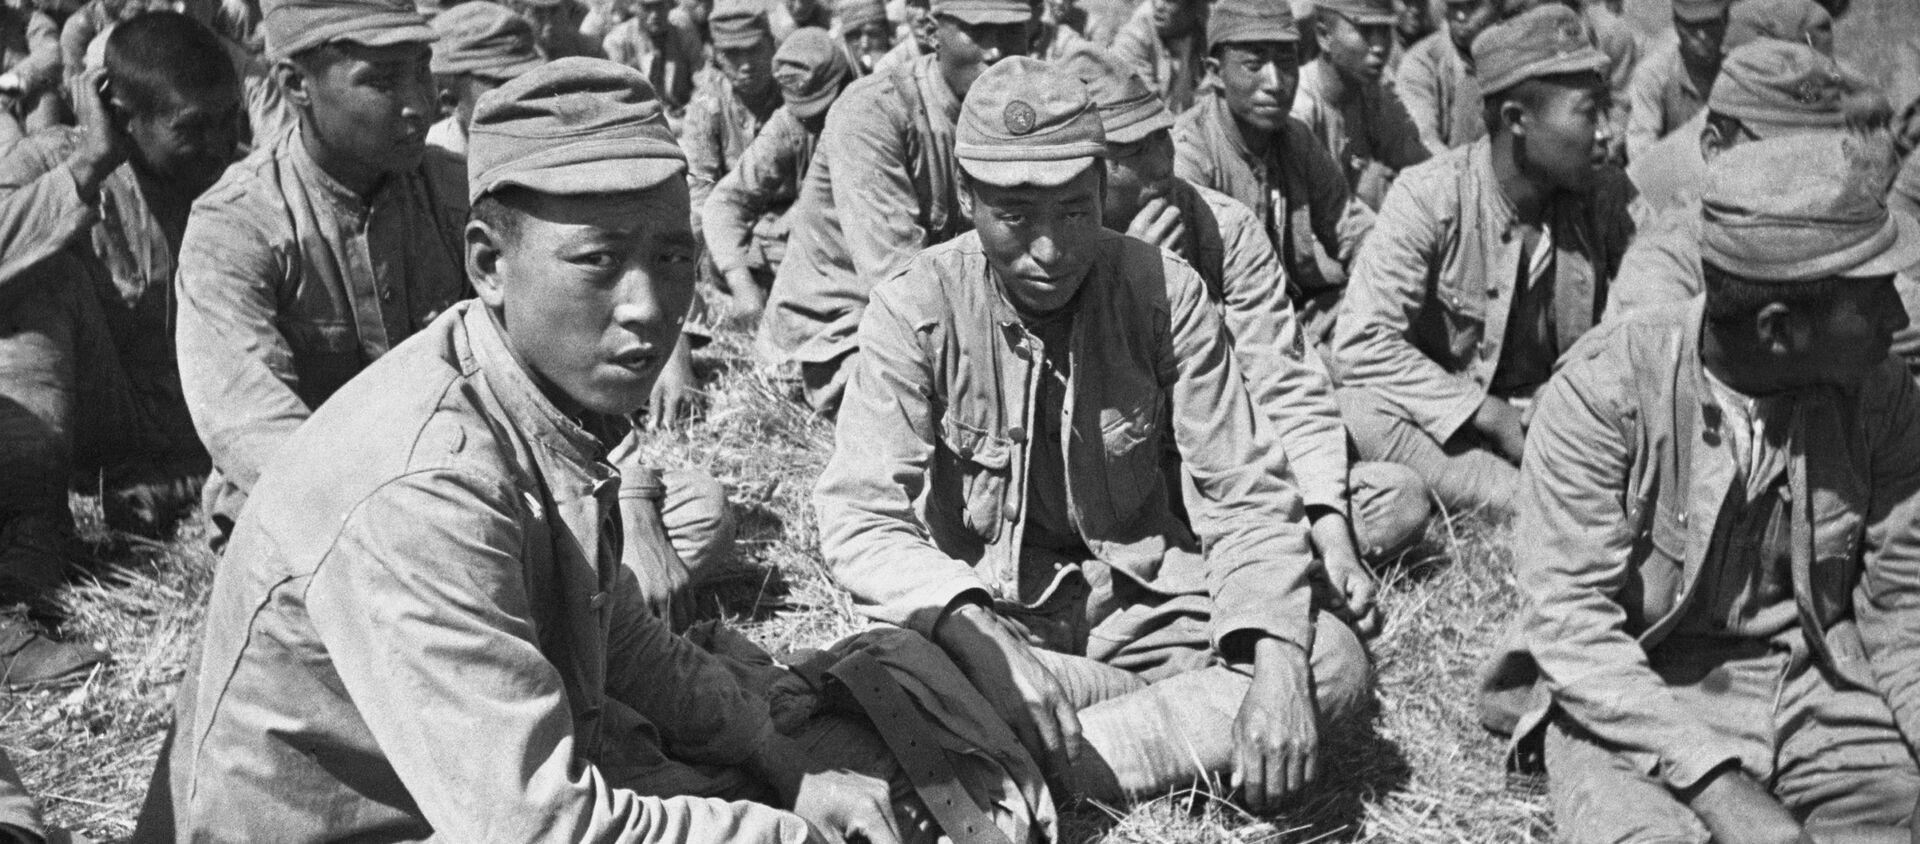 Lính Nhật bị bắt làm tù binh gần sông Khalkhin Gol. Năm 1939 - Sputnik Việt Nam, 1920, 25.08.2021